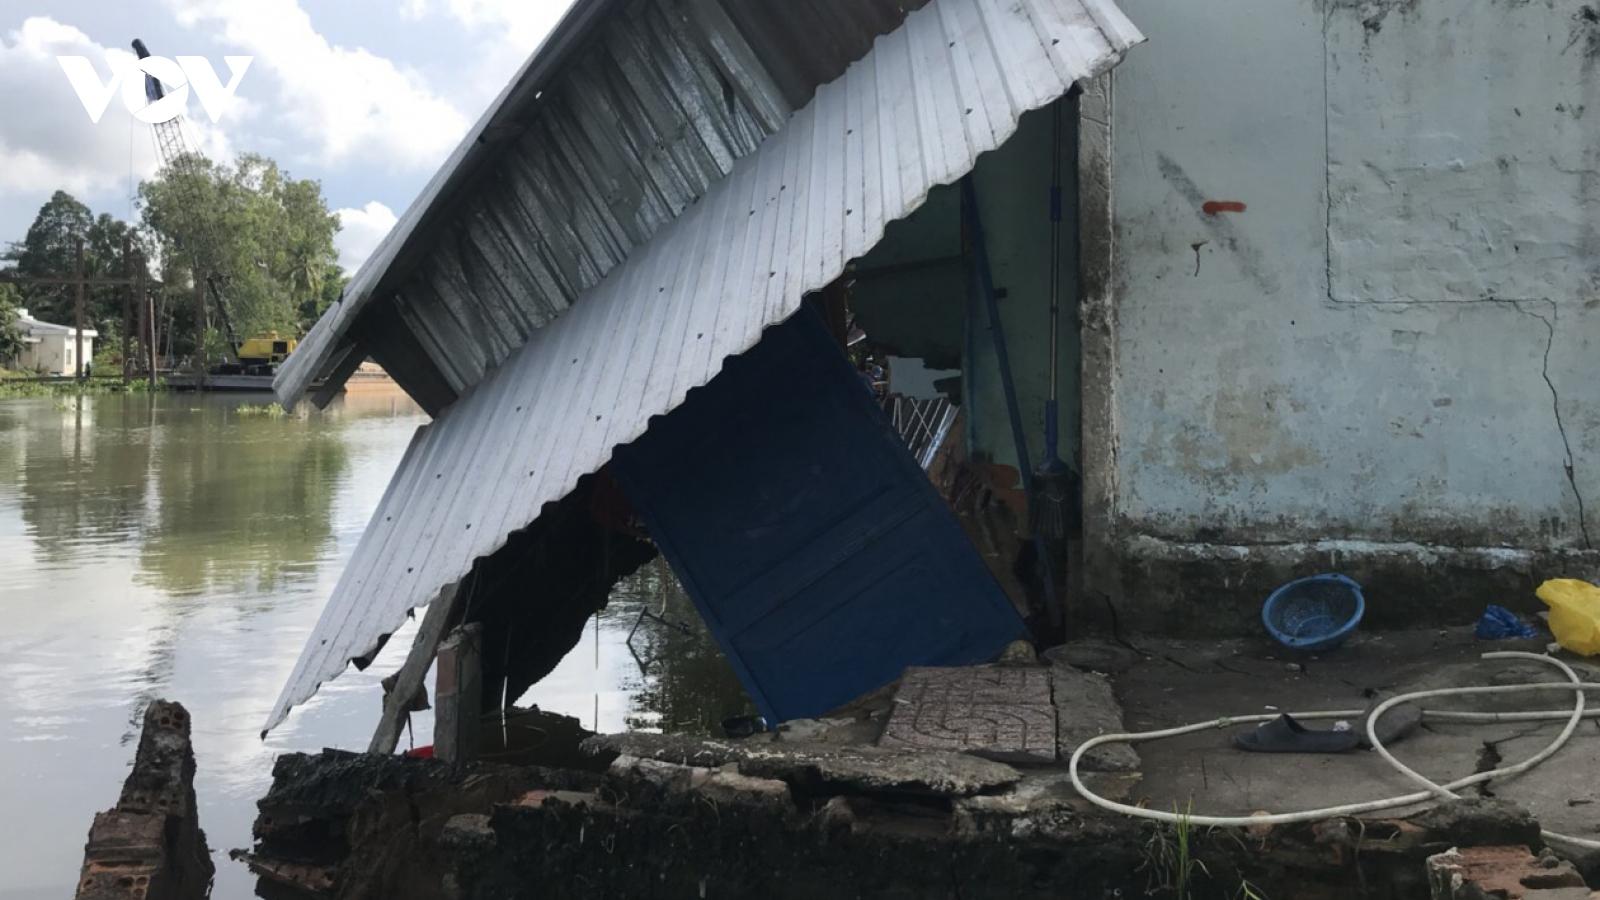 Sạt lở liên tiếp làm sụp đổ nhiều nhà dân ở quận Cái Răng